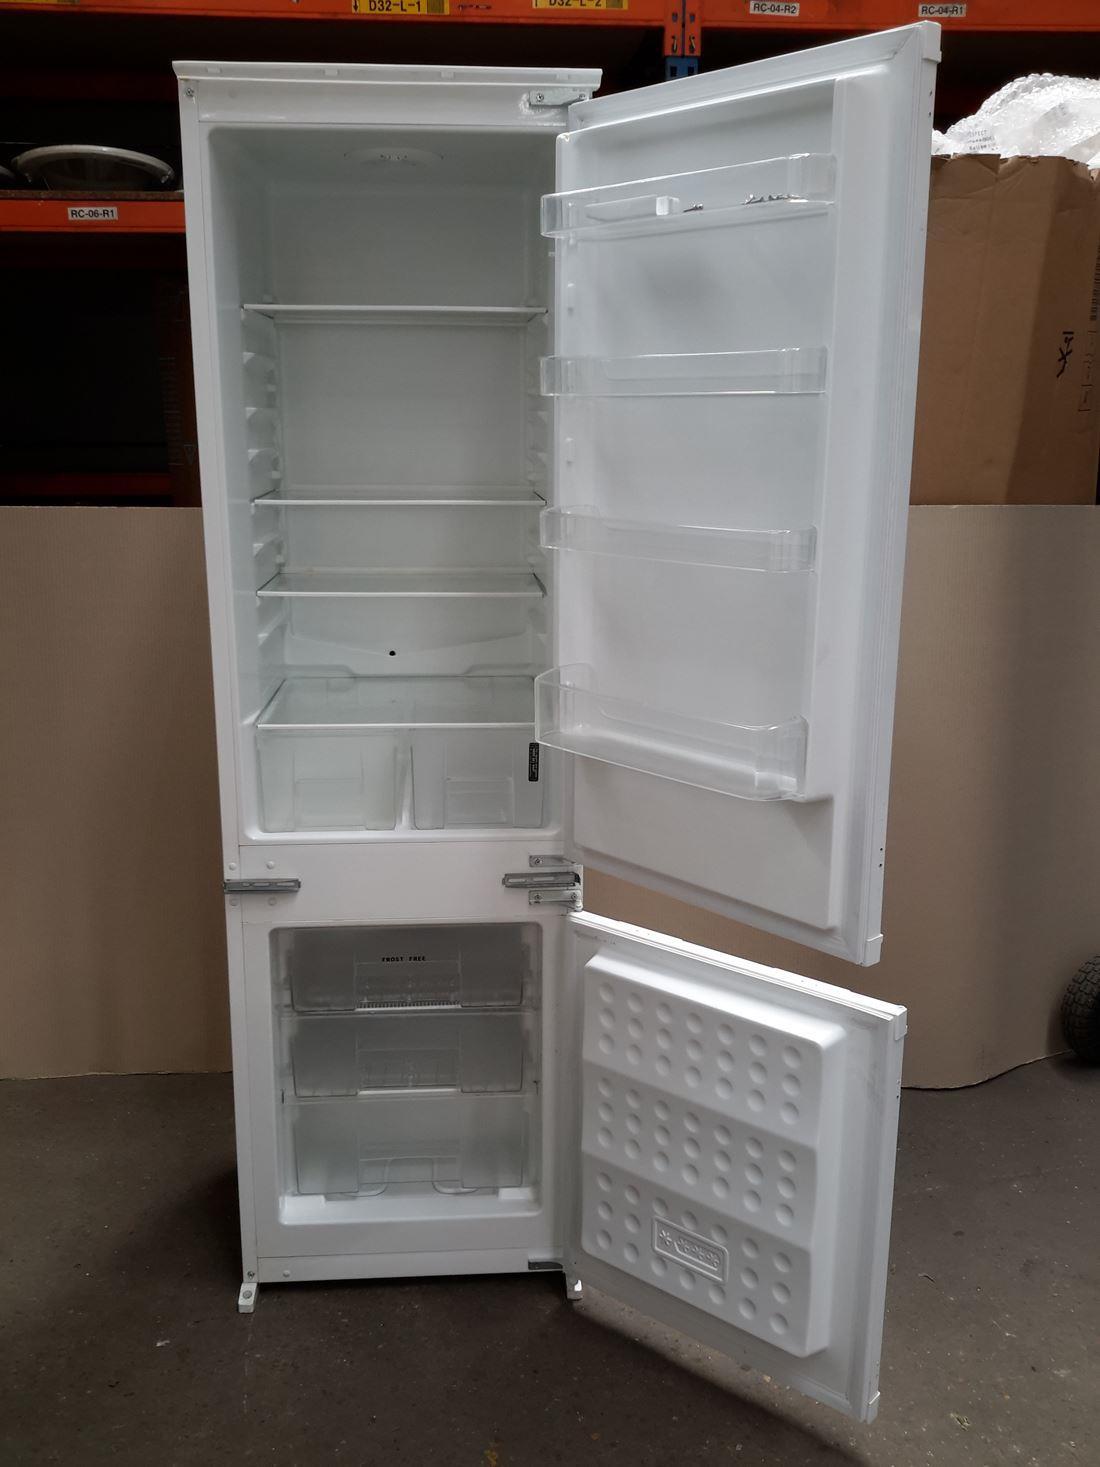 belling bel bstat7030 integrated fridge freezer white. Black Bedroom Furniture Sets. Home Design Ideas